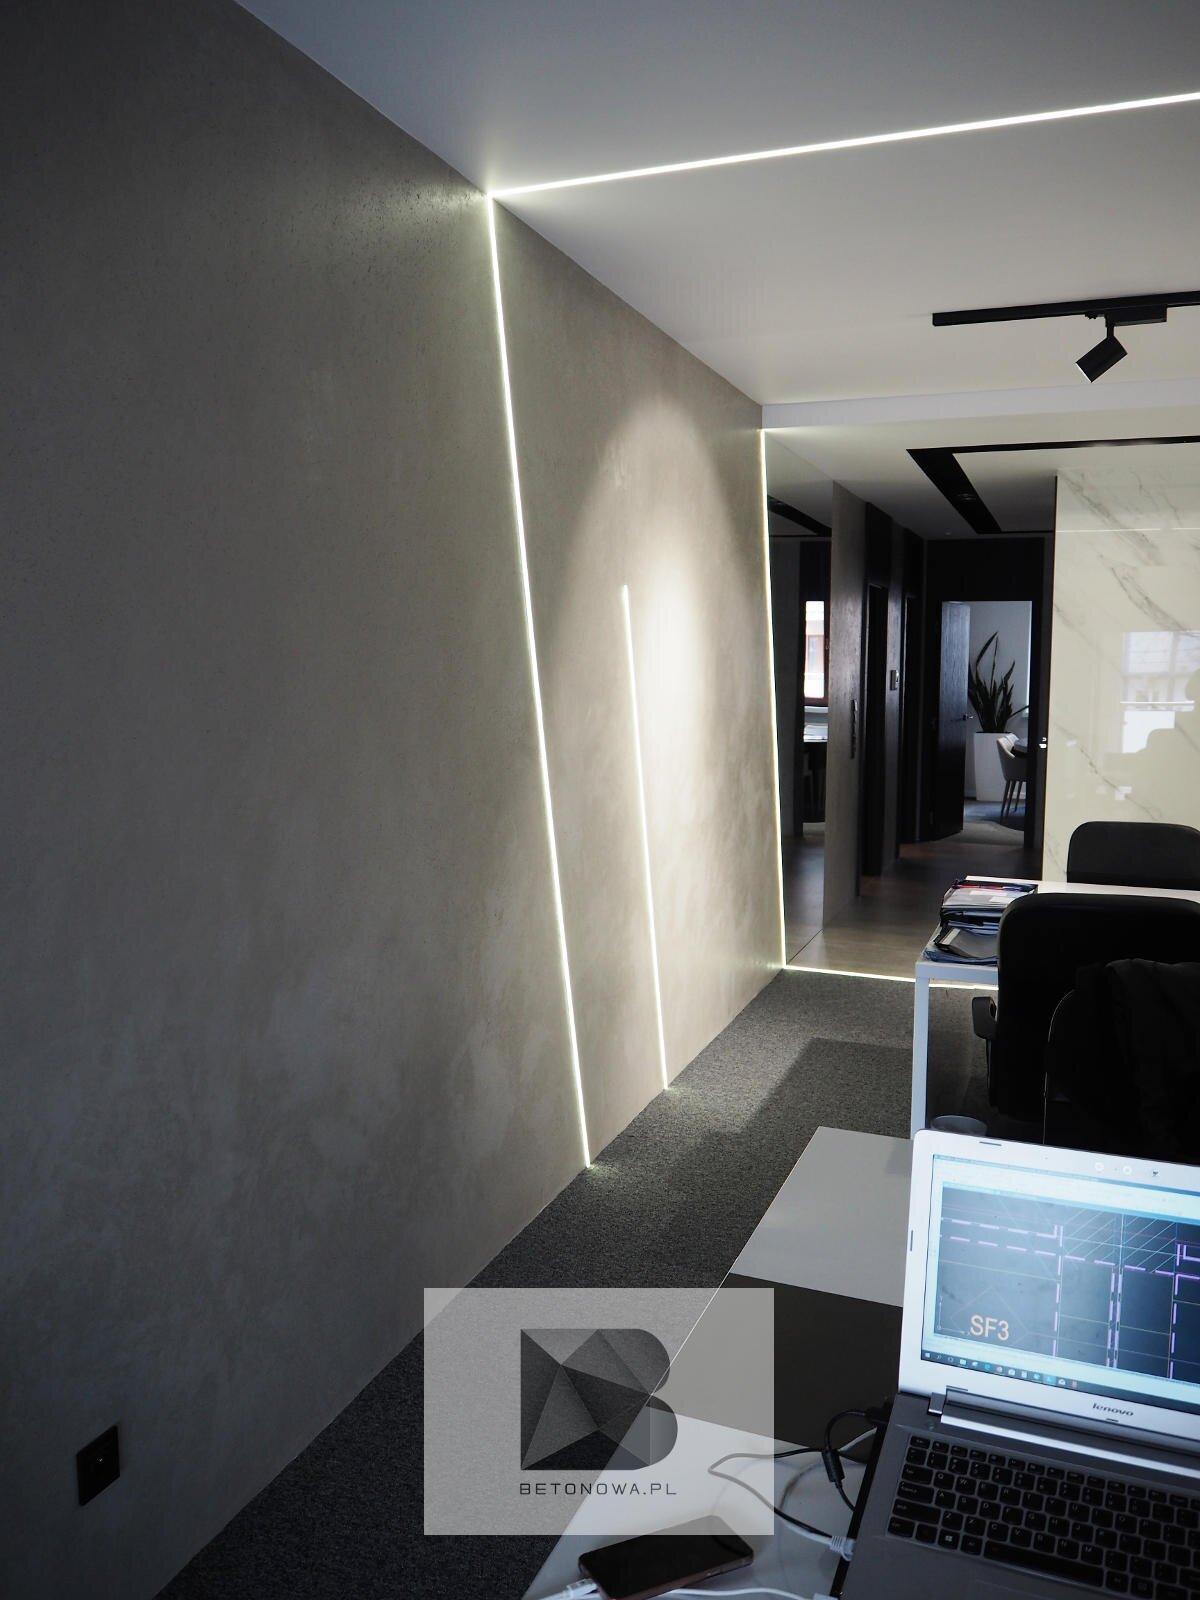 Betonowe Sciany Wnetrza Nowoczesne Biuro Architektoniczne1